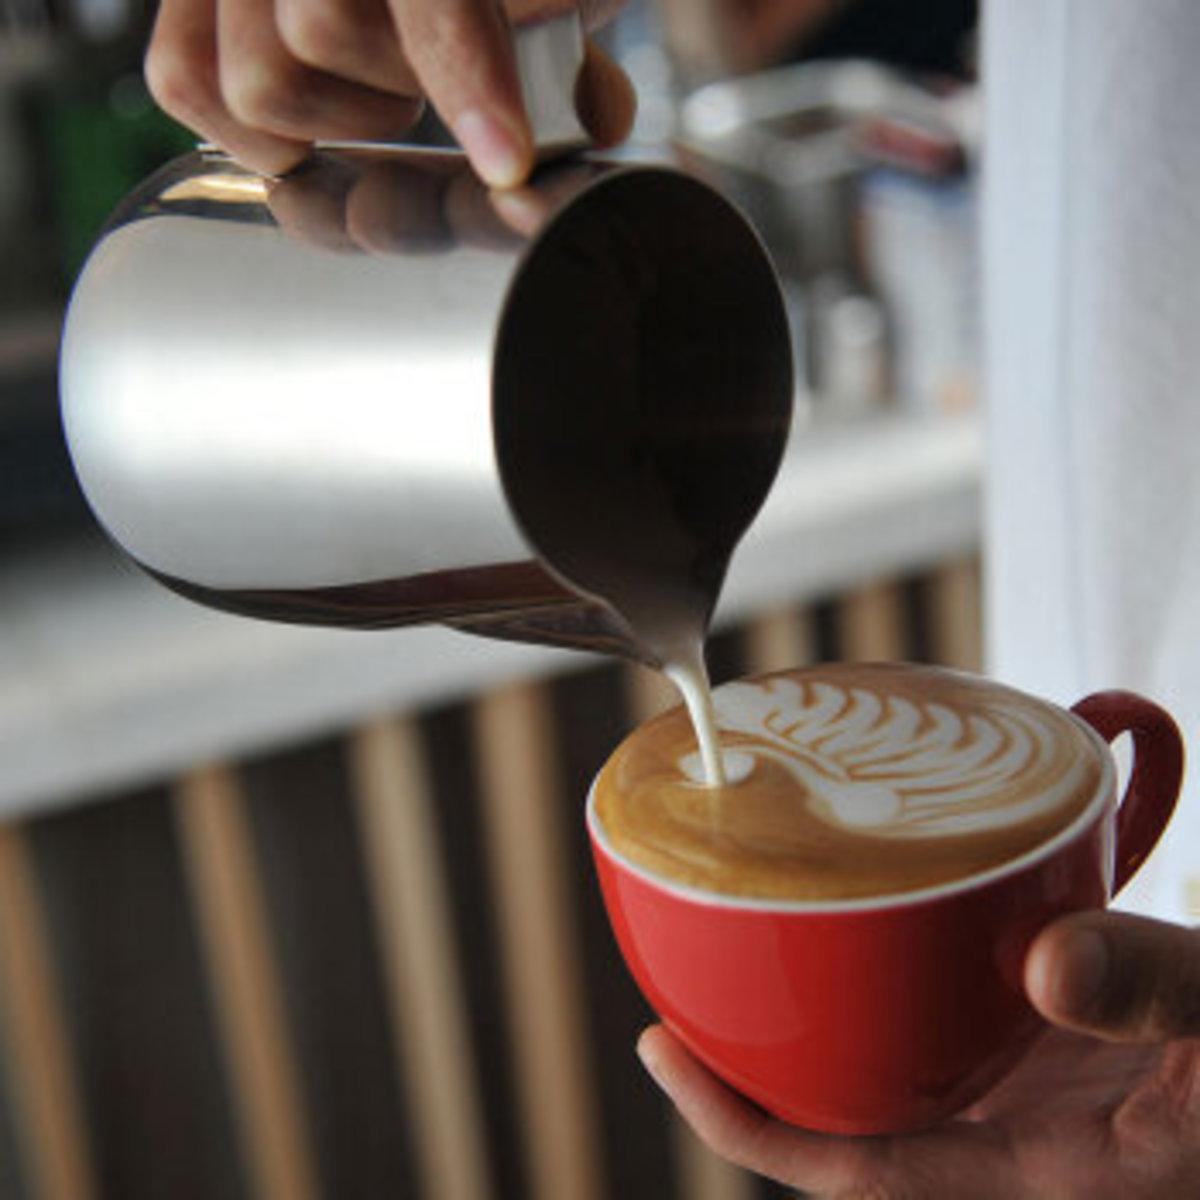 專業咖啡尖咀拉花杯/ 帶刻度奶泡加厚不鏽鋼杯  (350ml)